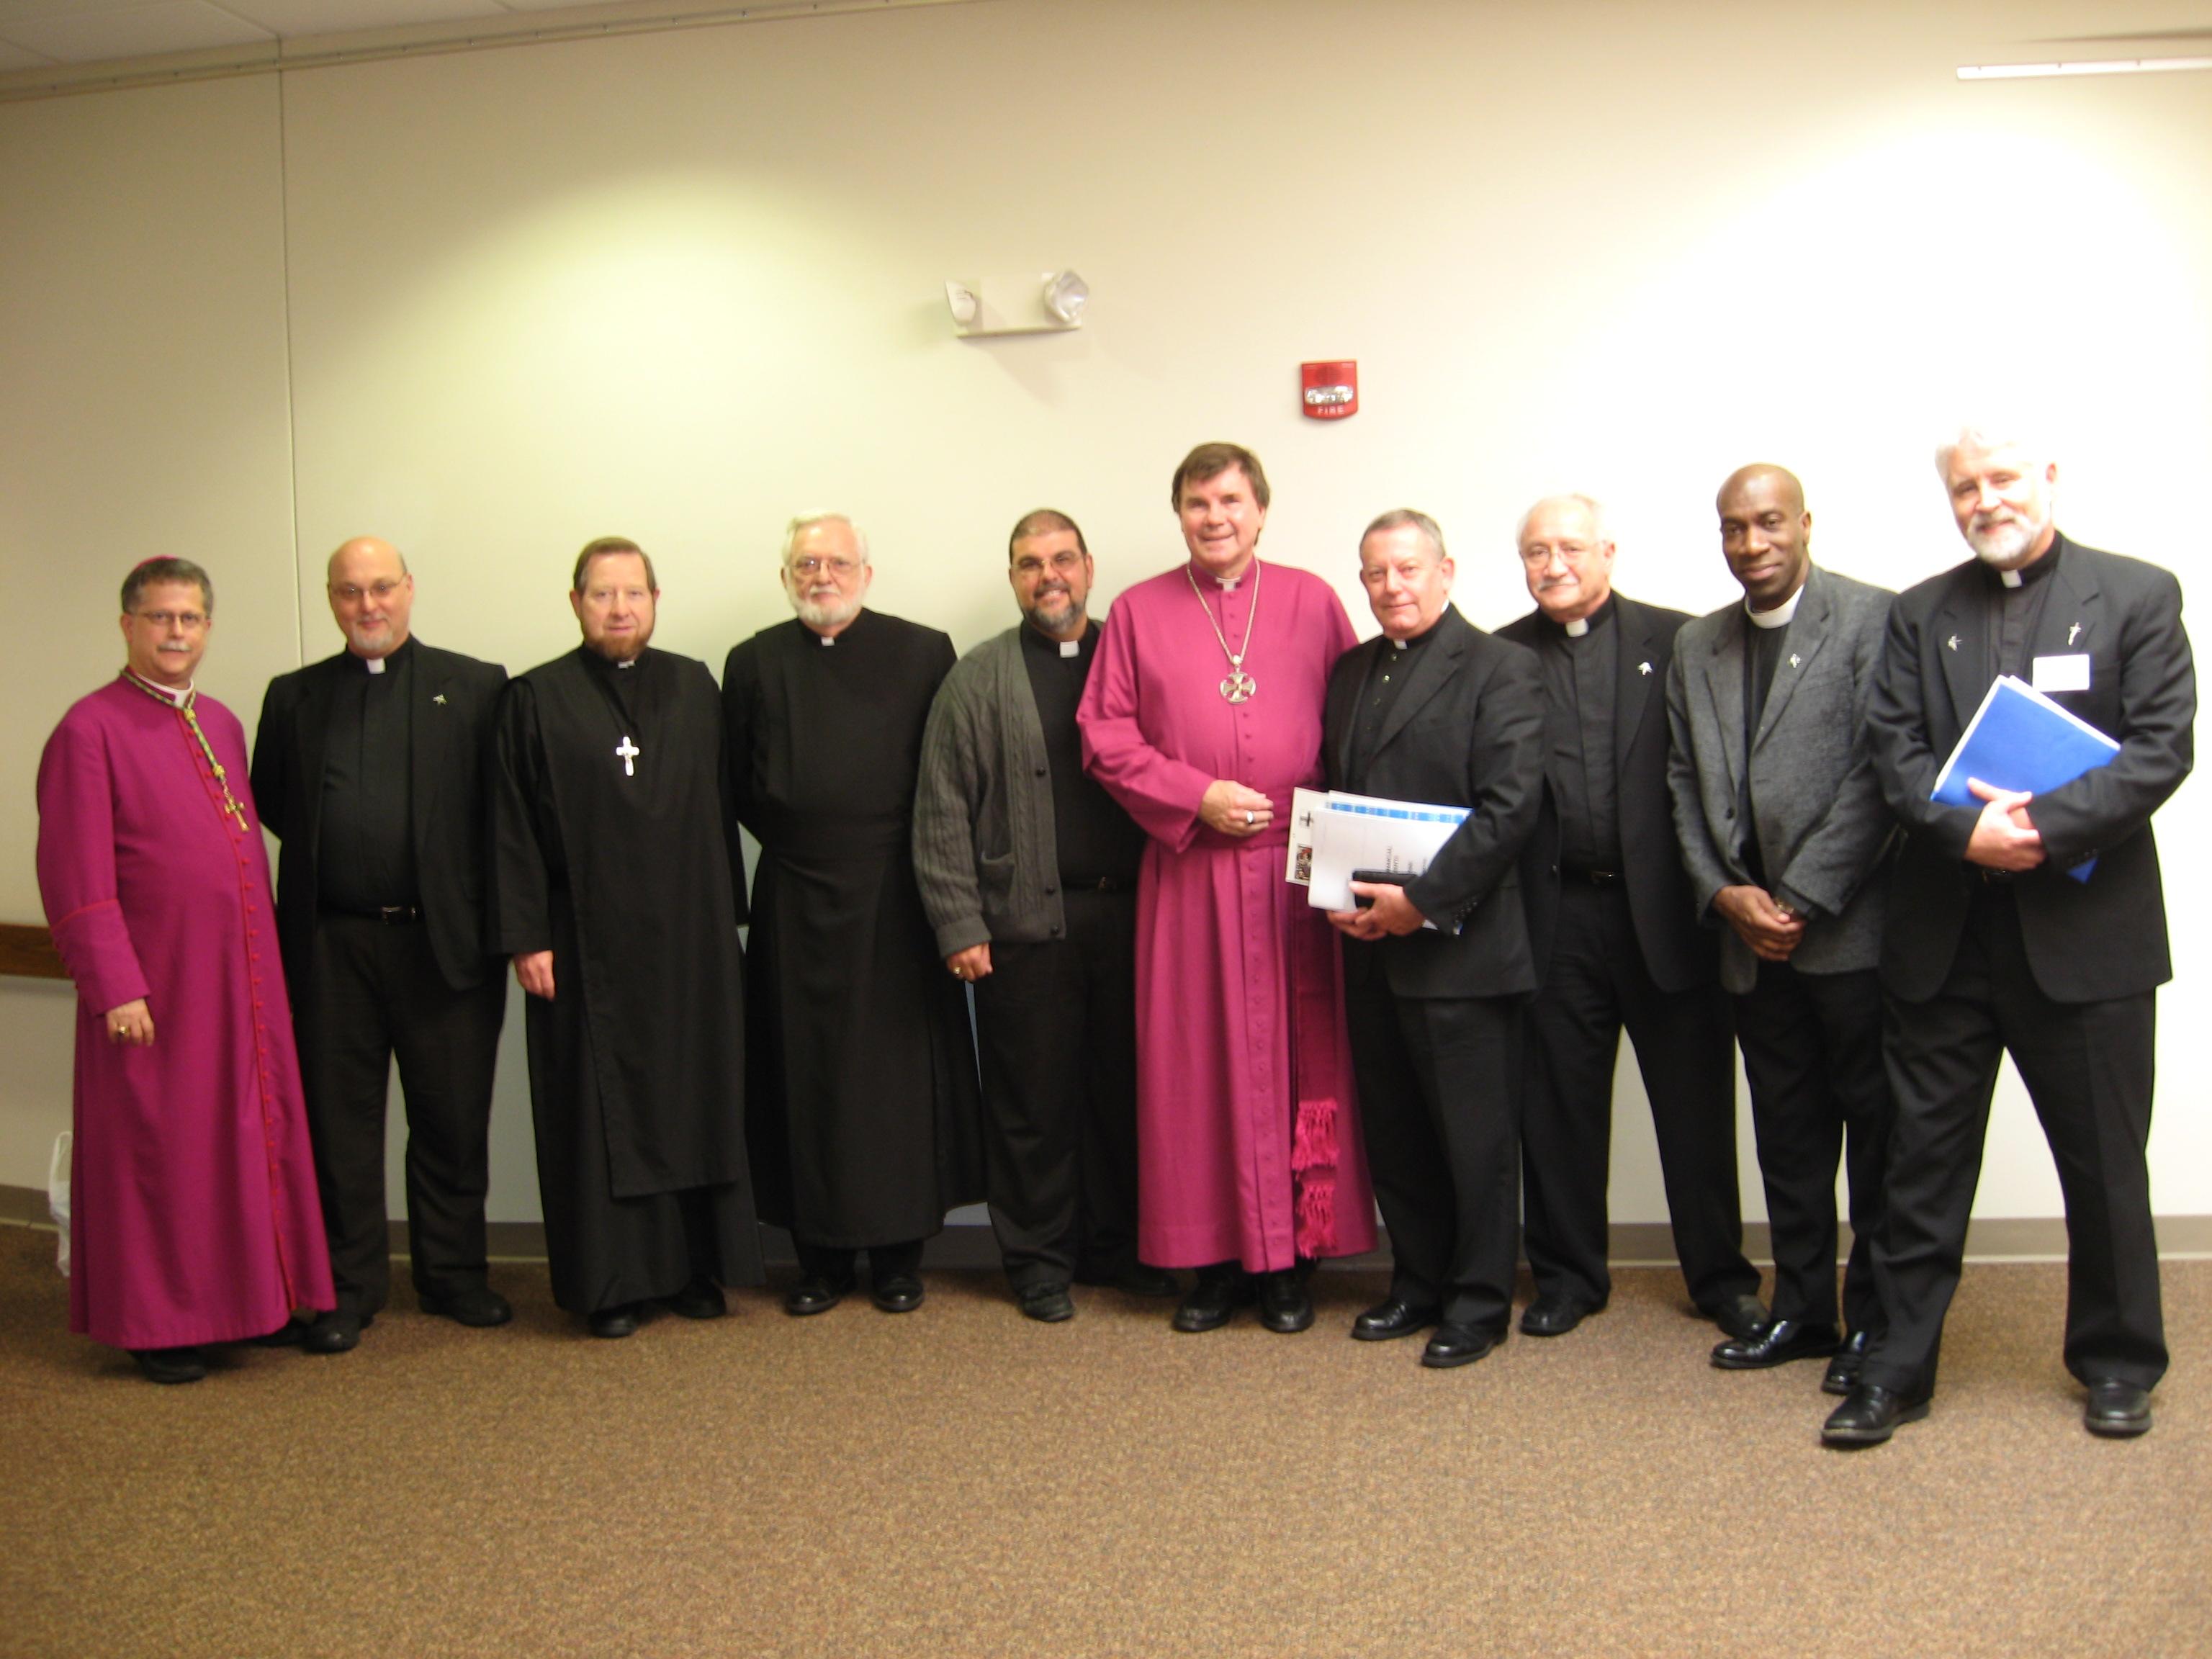 ssm-at-aca-general-synod-2008